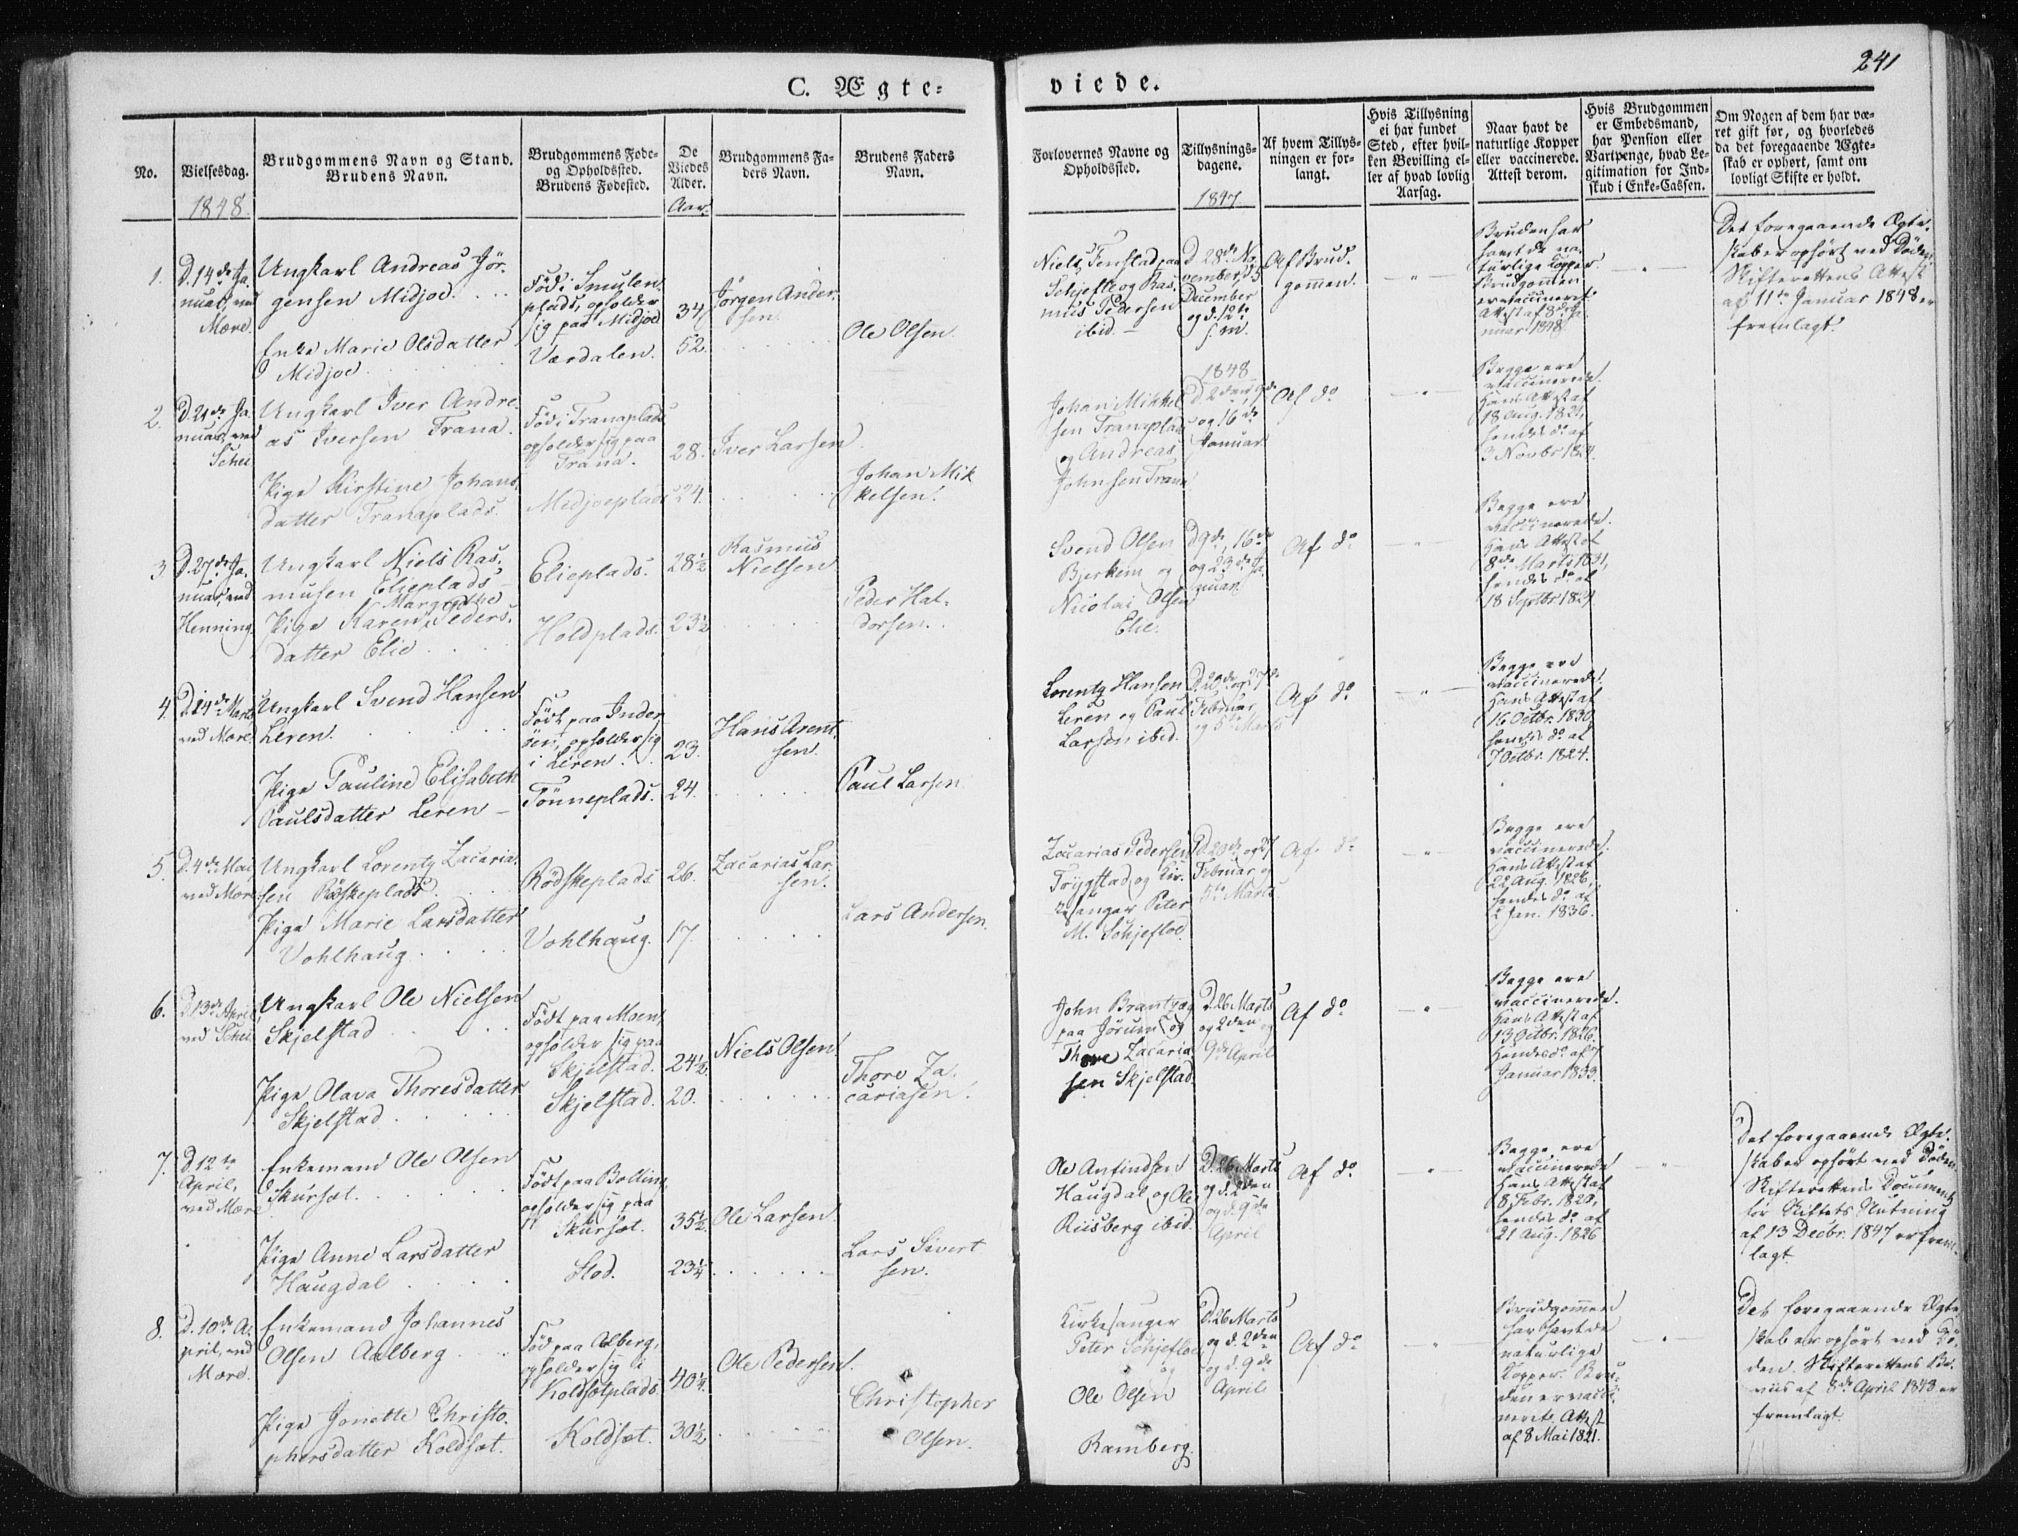 SAT, Ministerialprotokoller, klokkerbøker og fødselsregistre - Nord-Trøndelag, 735/L0339: Ministerialbok nr. 735A06 /1, 1836-1848, s. 241